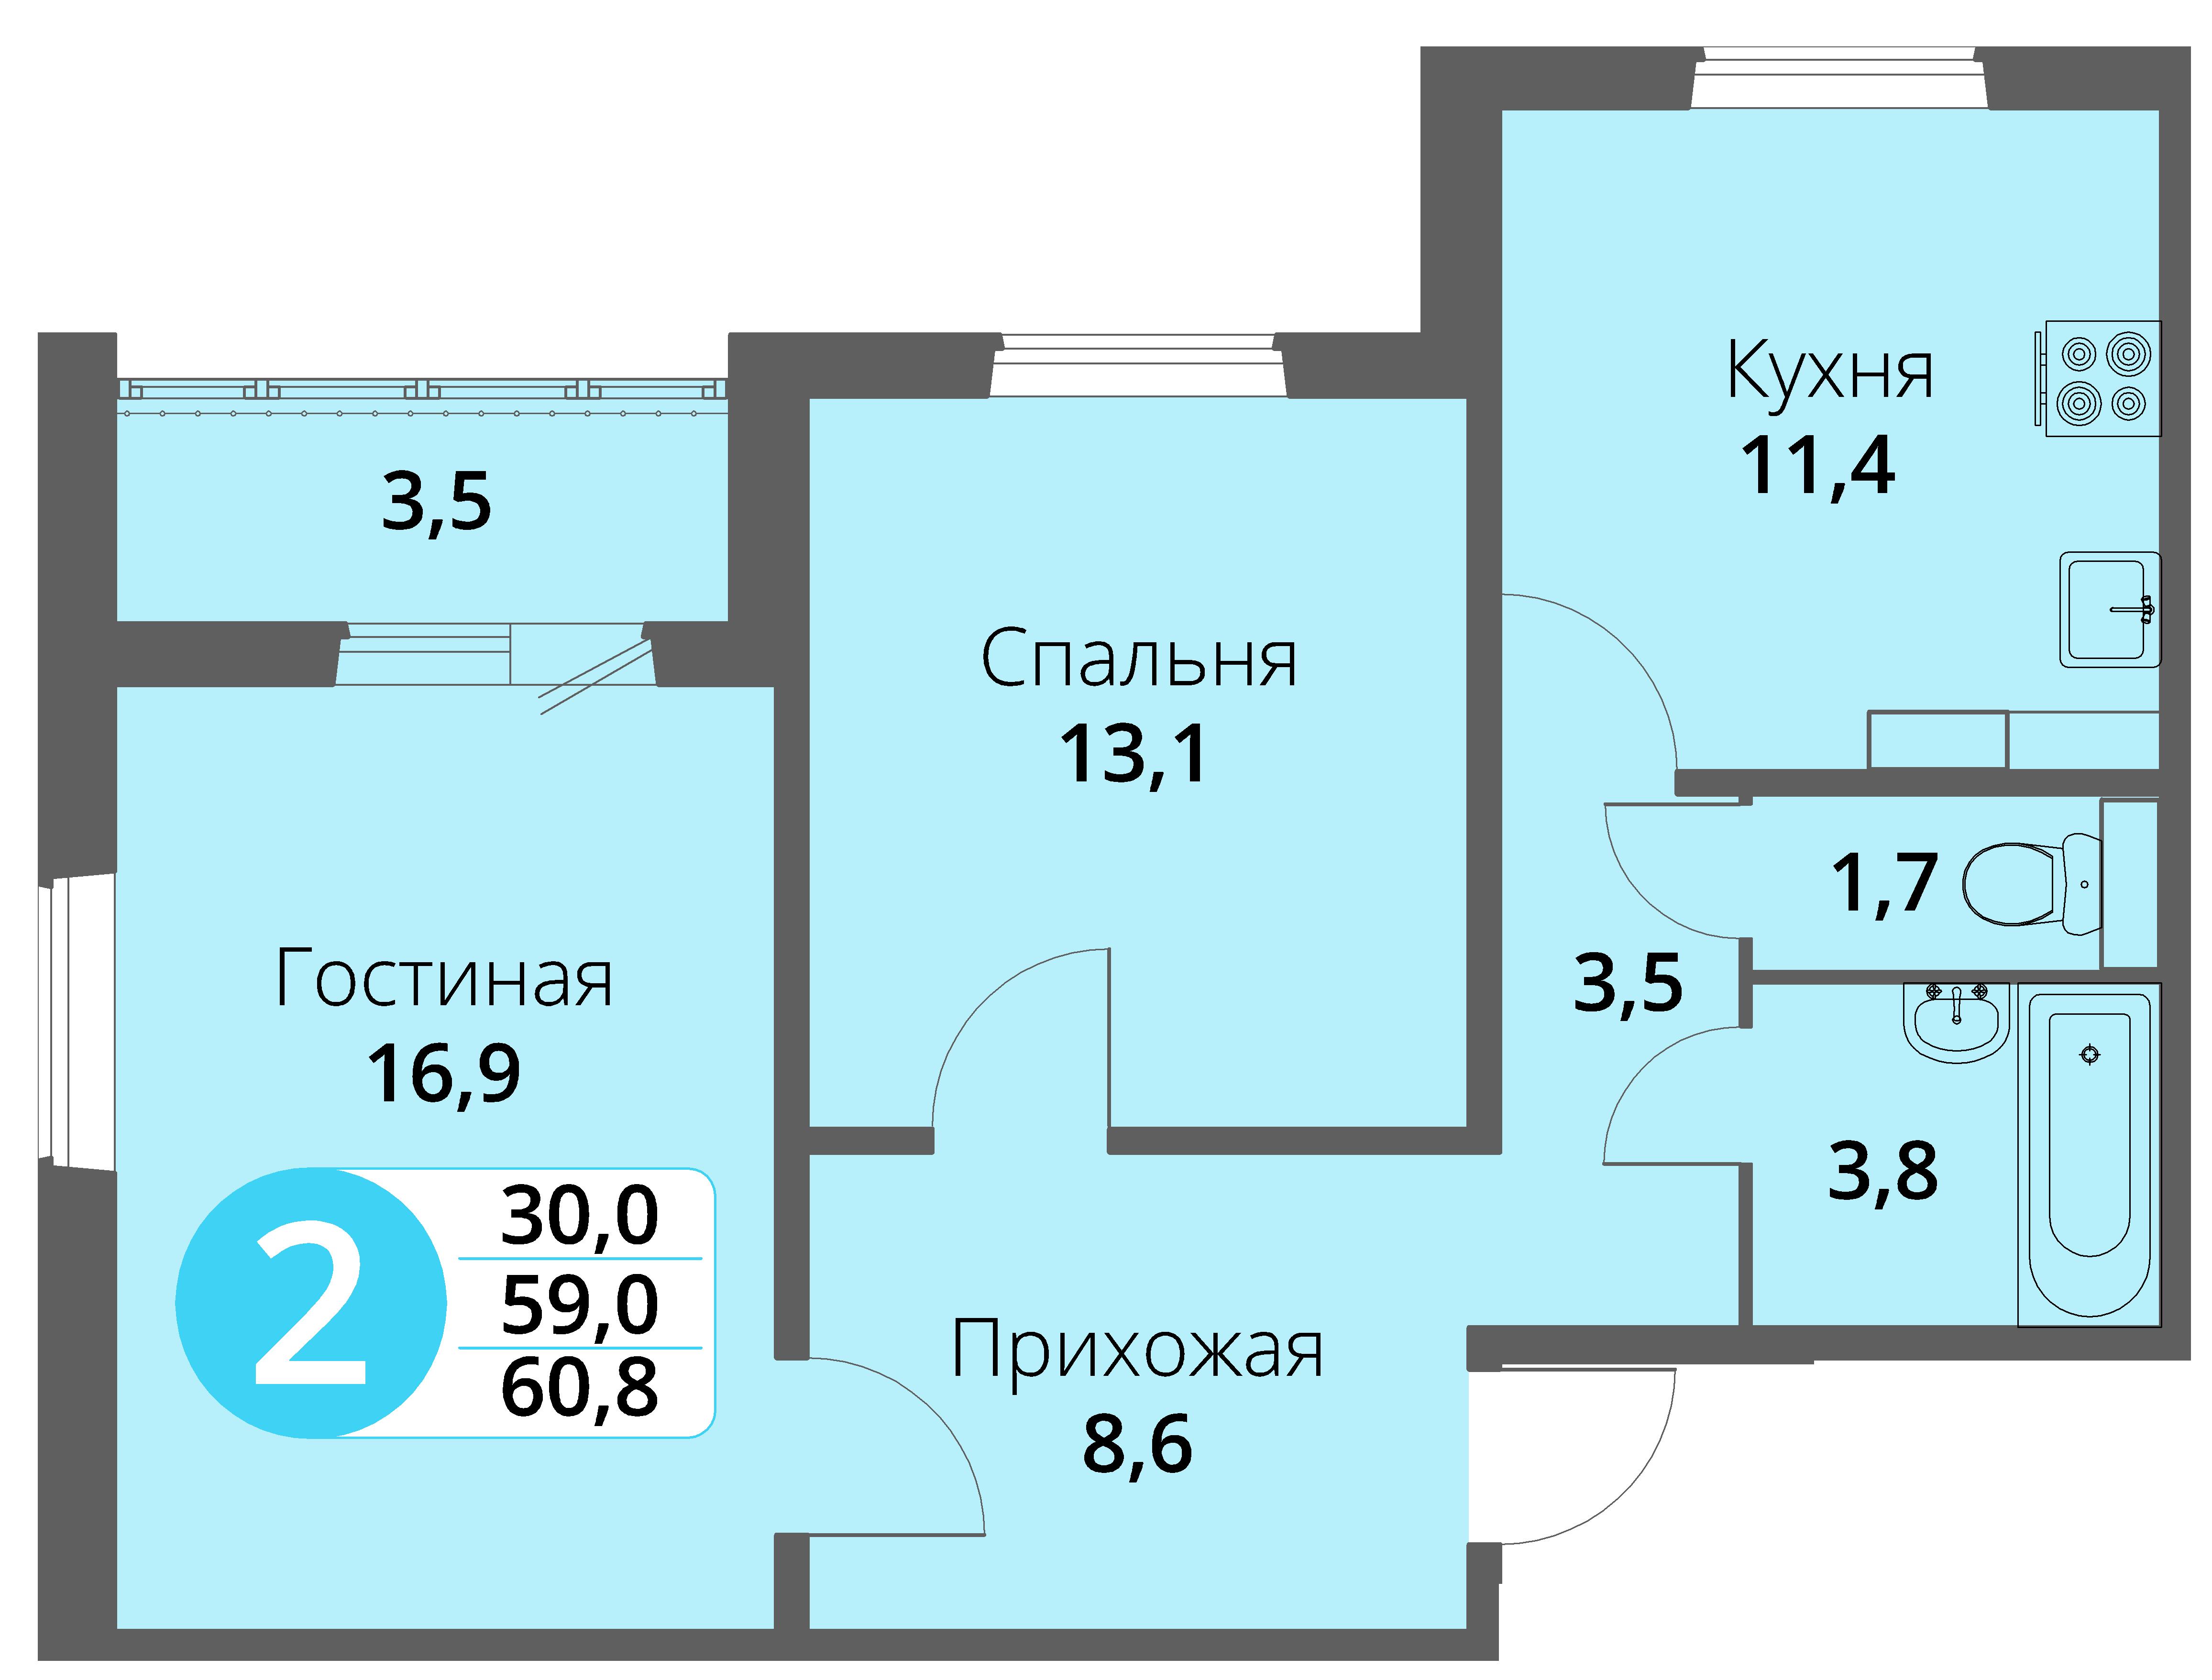 Зареченская 1-1, квартира 125 - Двухкомнатная